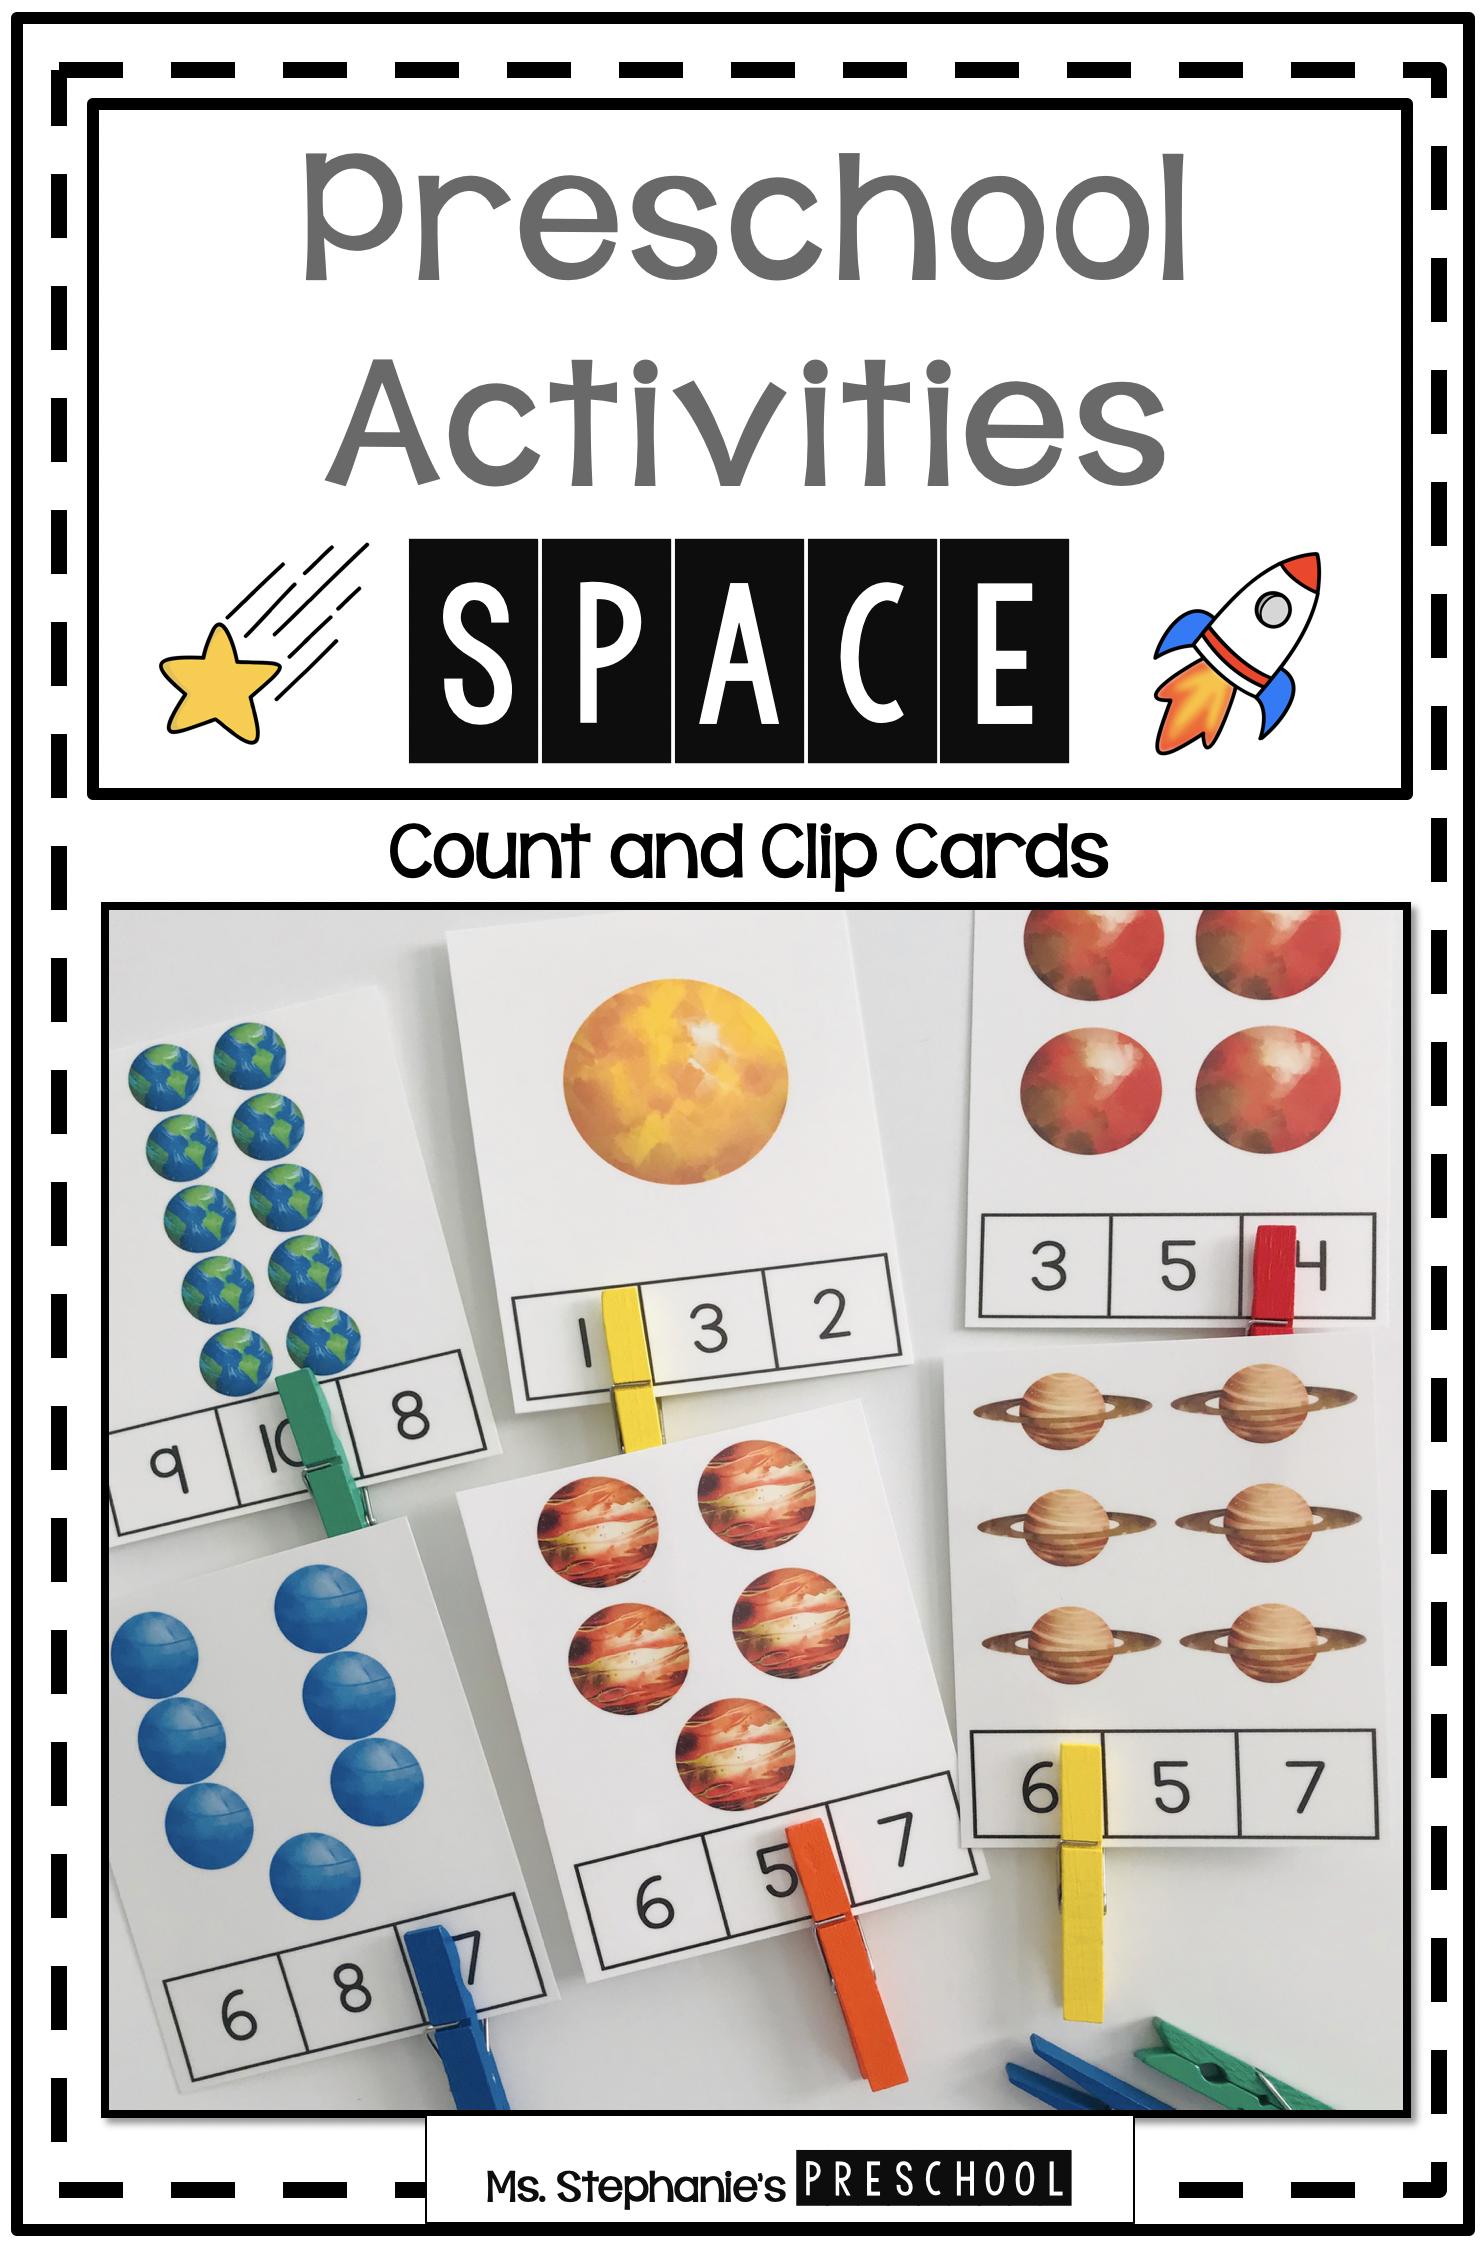 Space Preschool Activities In